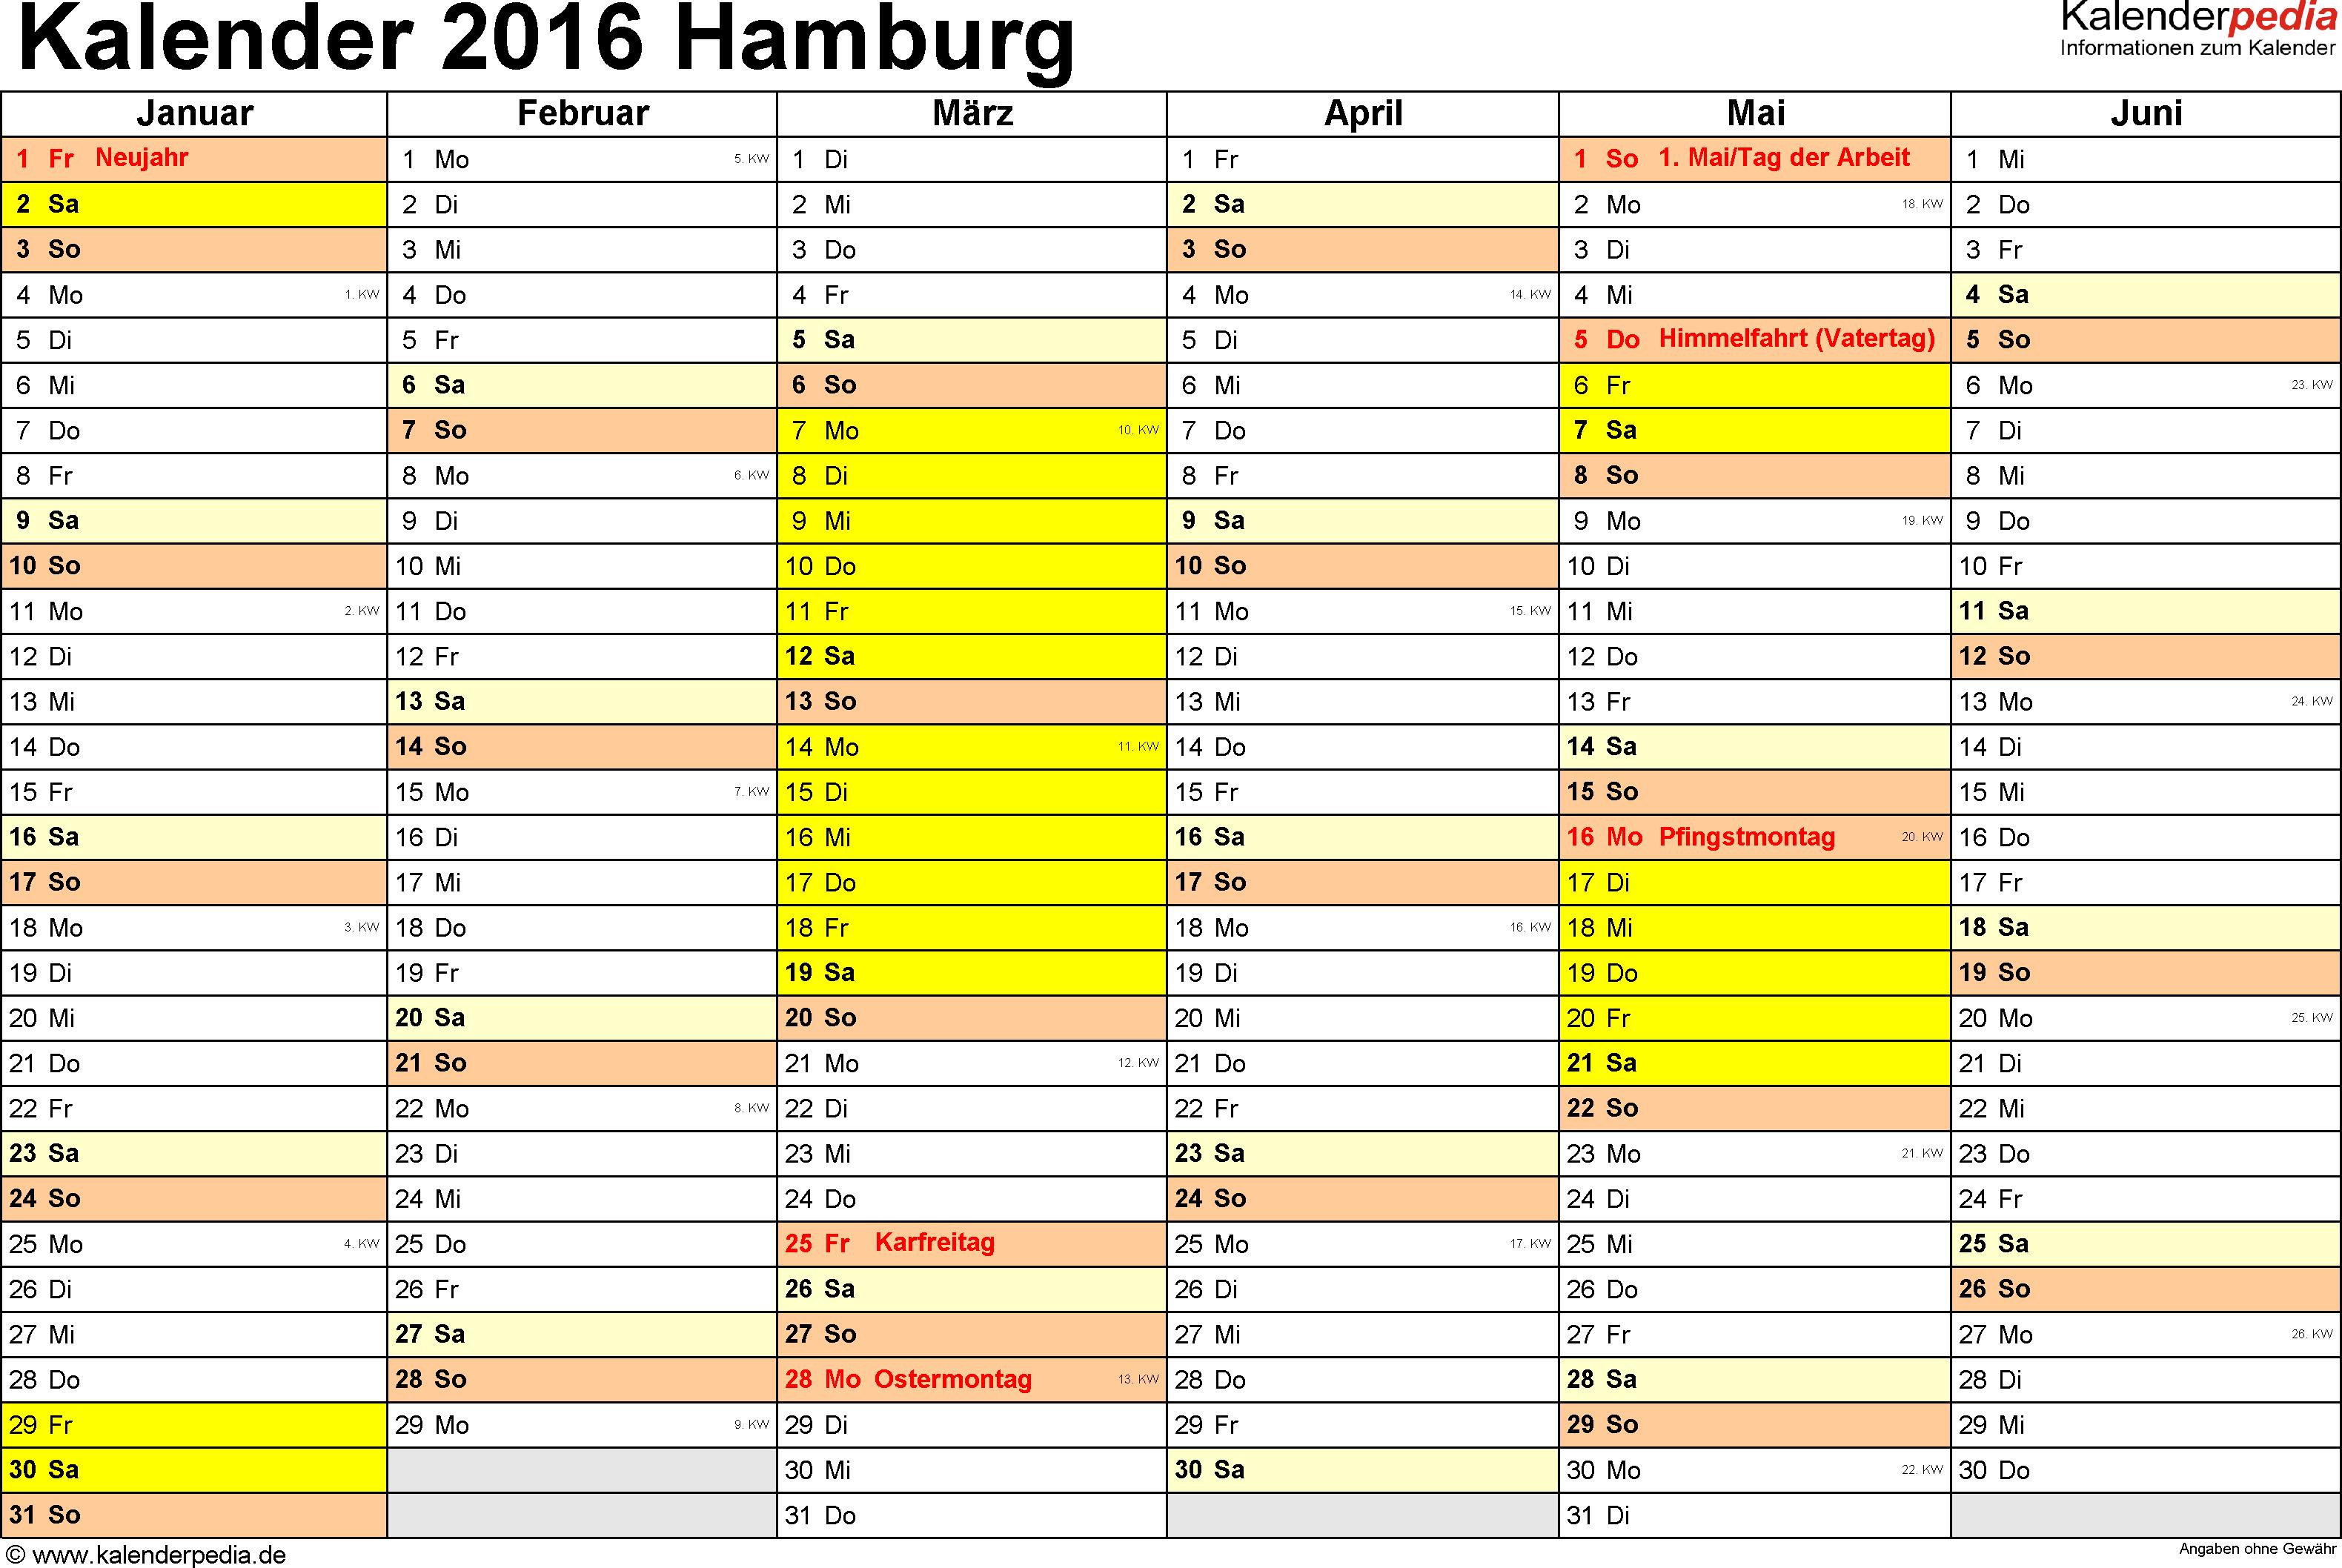 Vorlage 2: Kalender 2016 für Hamburg als Word-Vorlage (Querformat, 2 Seiten)